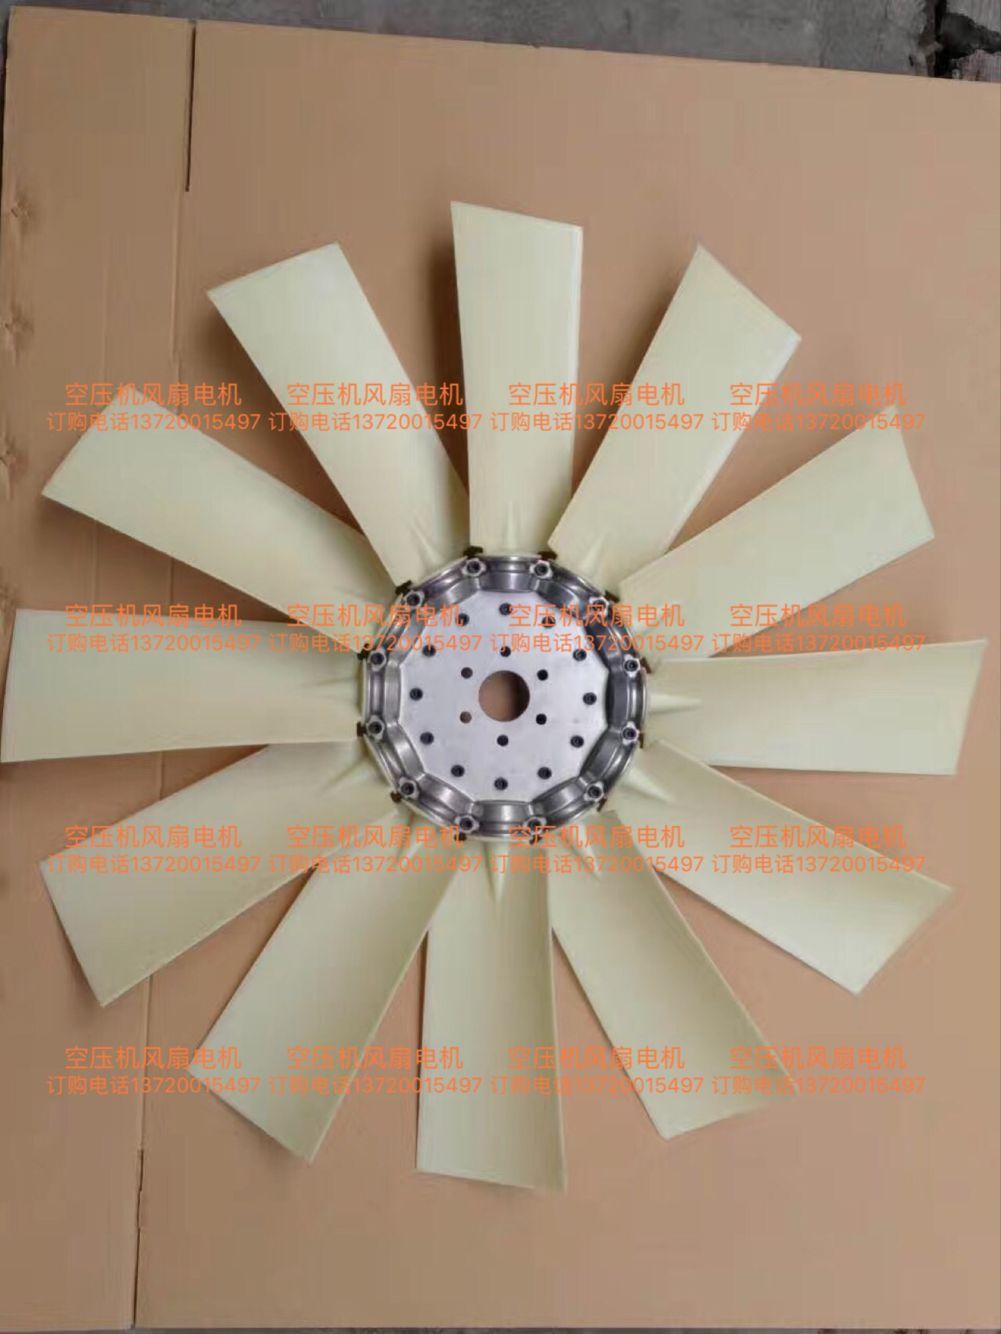 阿特拉斯空压机冷却散热风扇 阿特拉斯空压机冷却散热风扇电机